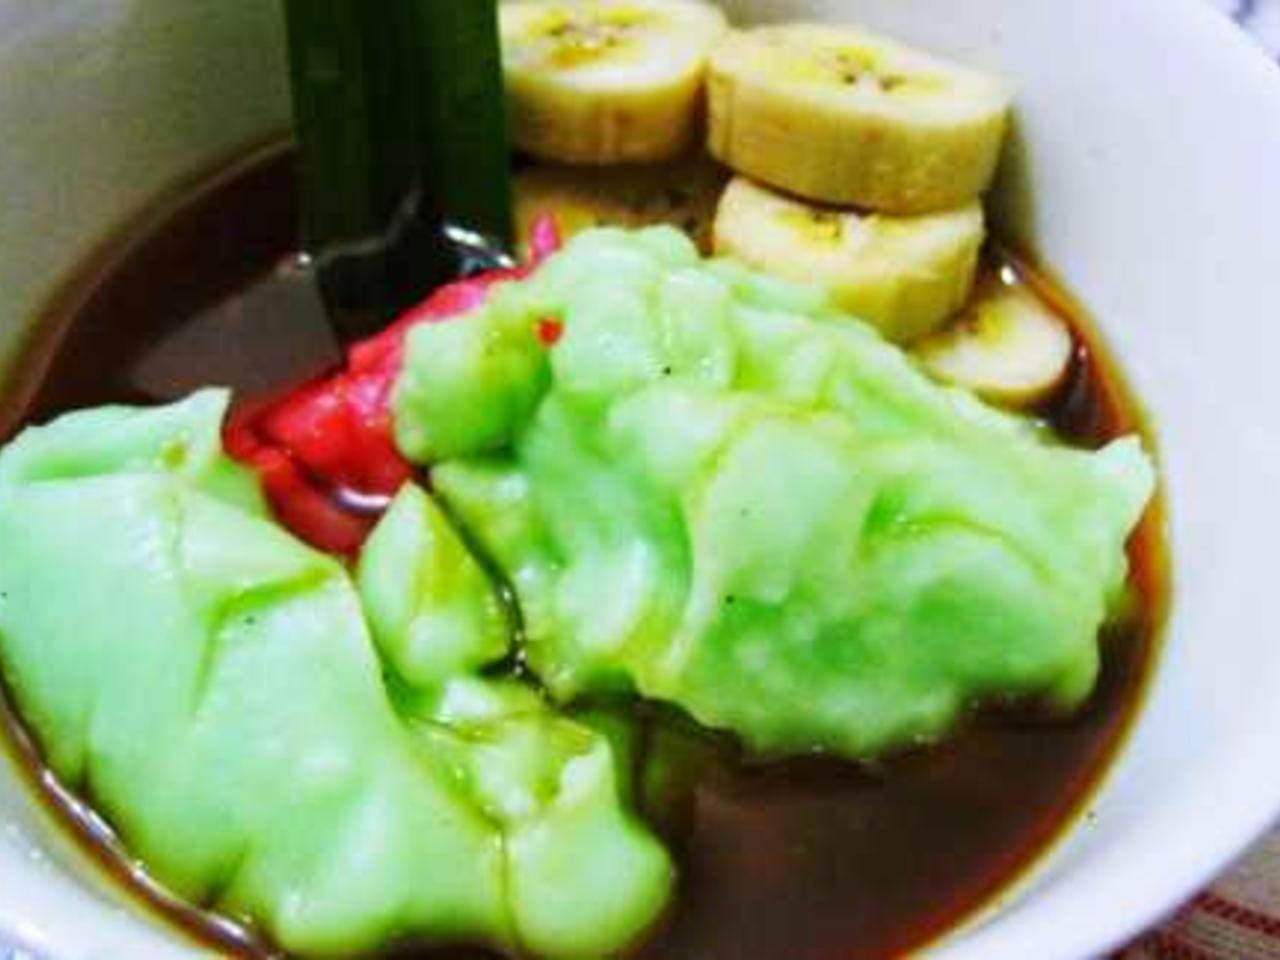 Resep Bubur Sumsum Hijau Pandan yang enak